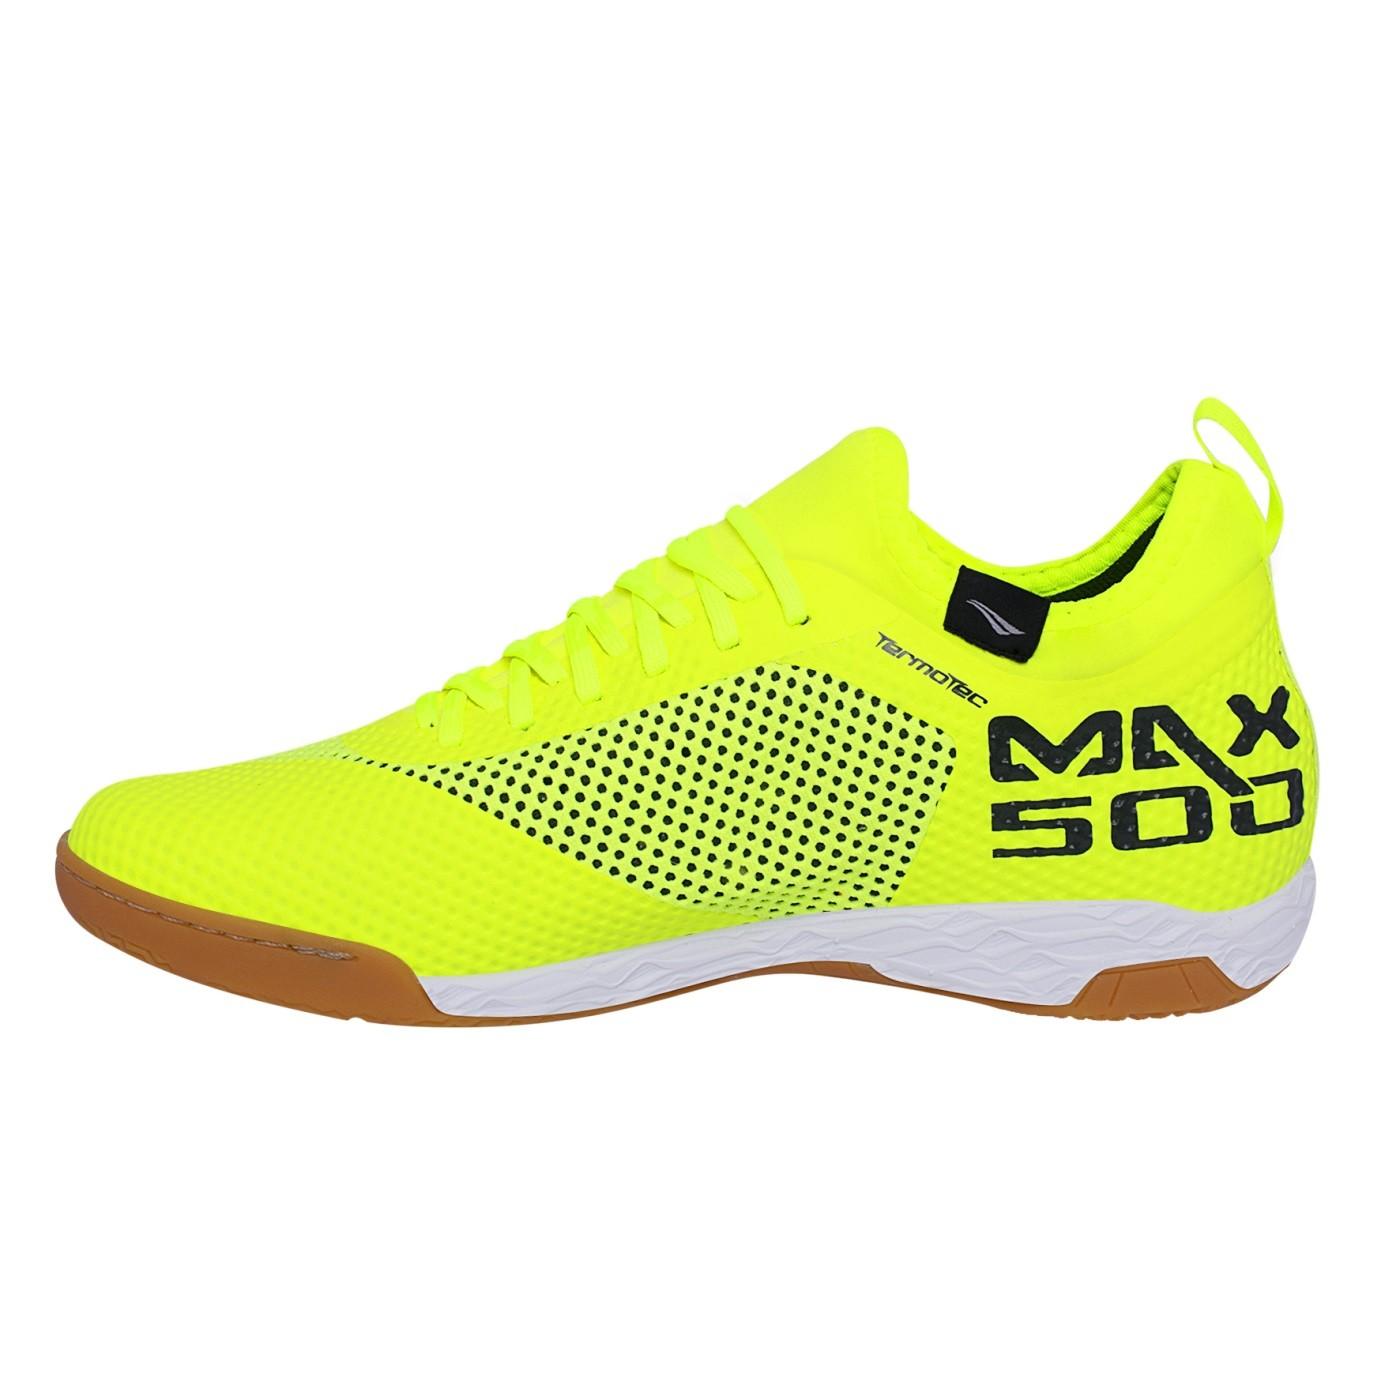 Chuteira Penalty Max 500 IX Locker Futsal